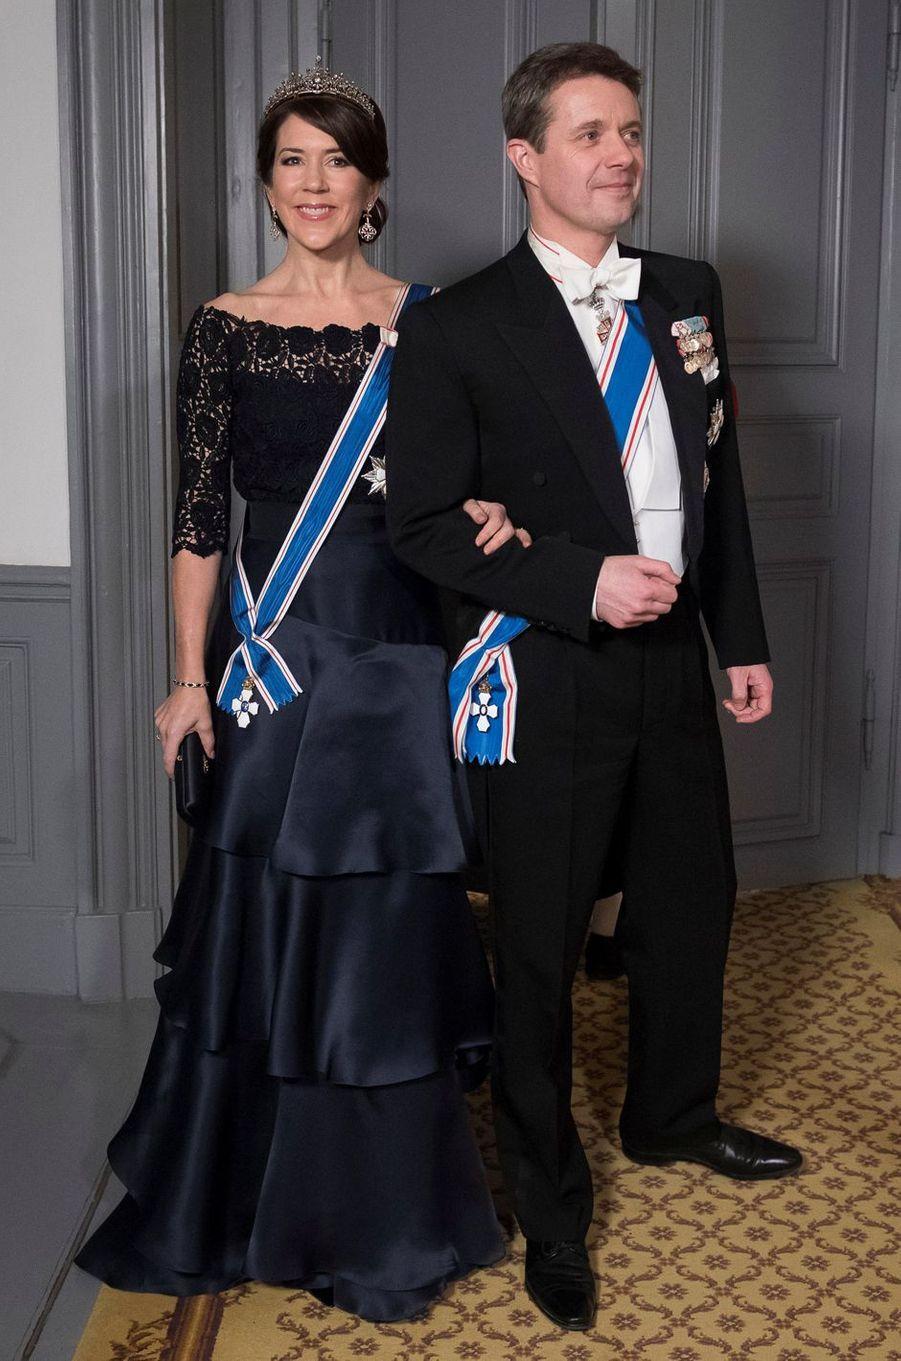 La princesse Mary et le prince Frederik de Danemark au Palais d'Amalienborg à Copenhague, le 24 janvier 2017